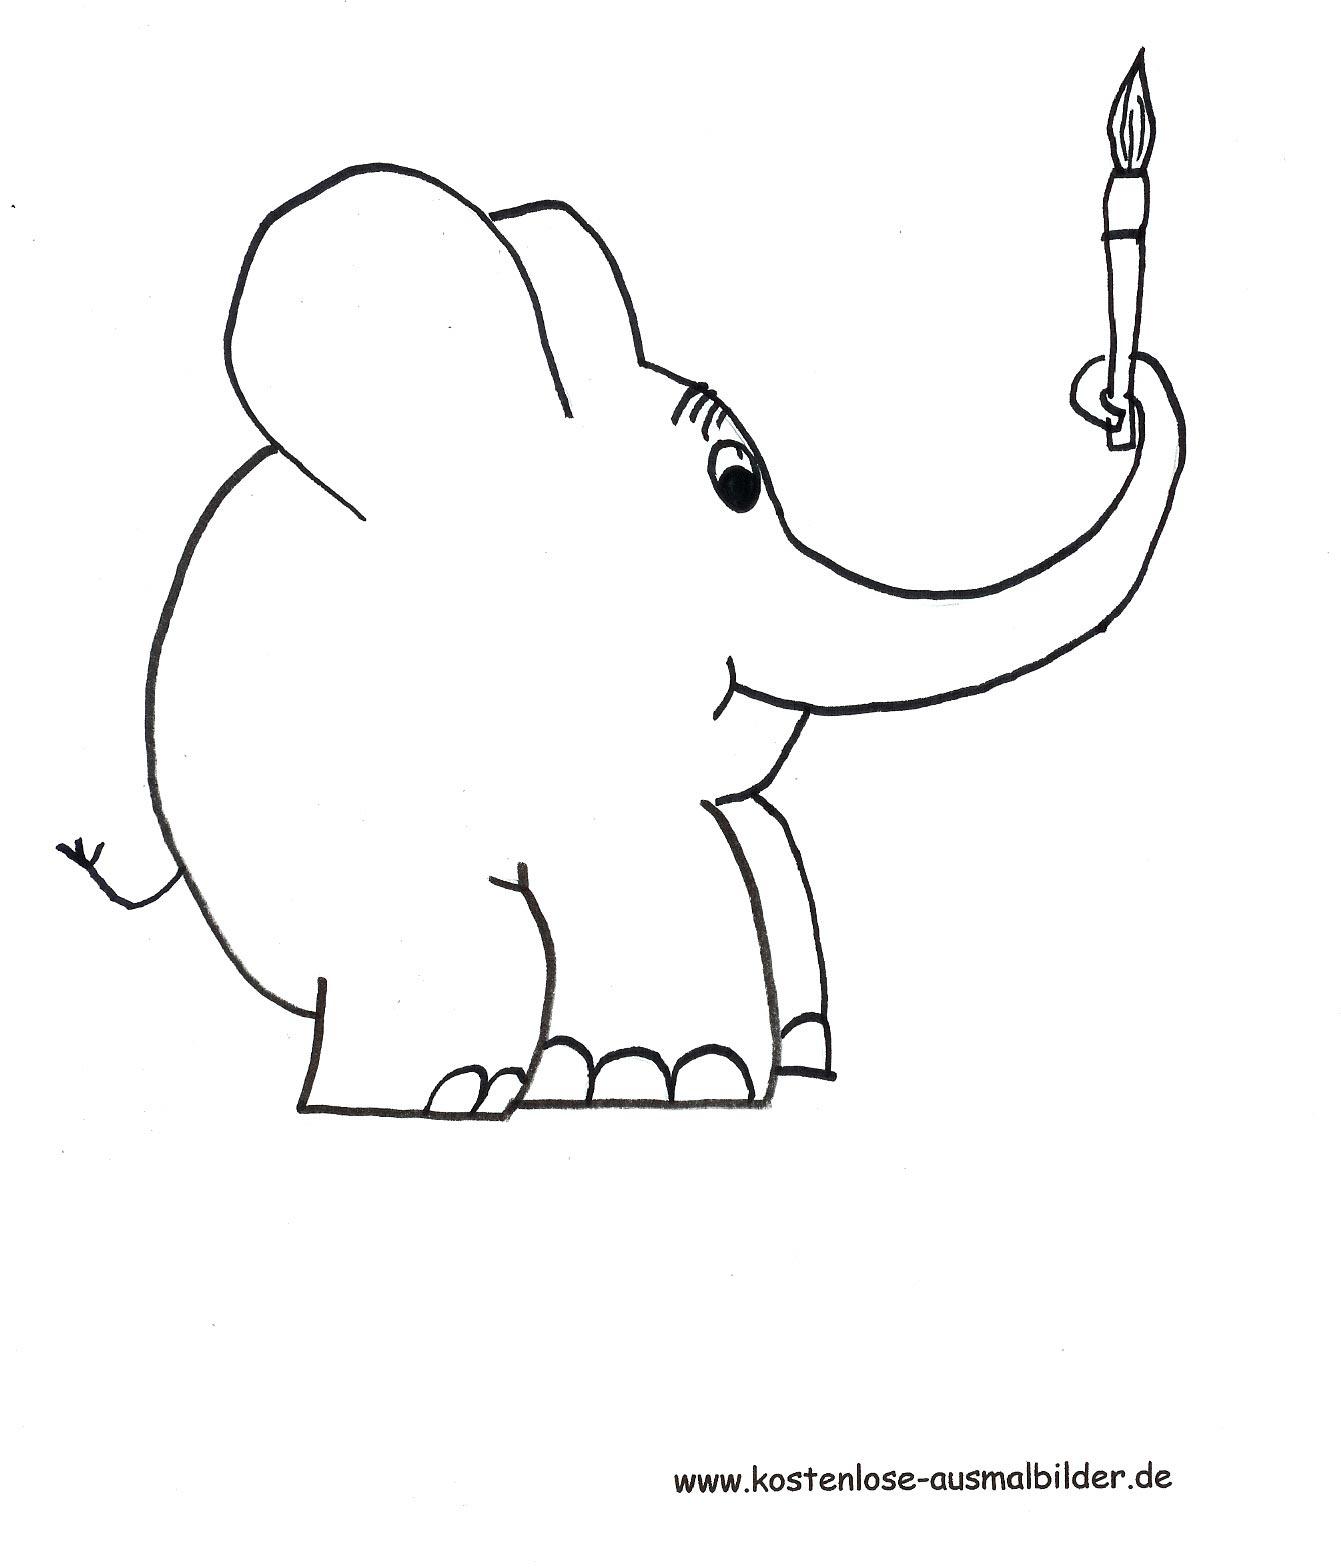 Malvorlagen - Ausmalbilder Elefant | Ausmalbilder Fernsehen mit Malvorlage Elefant